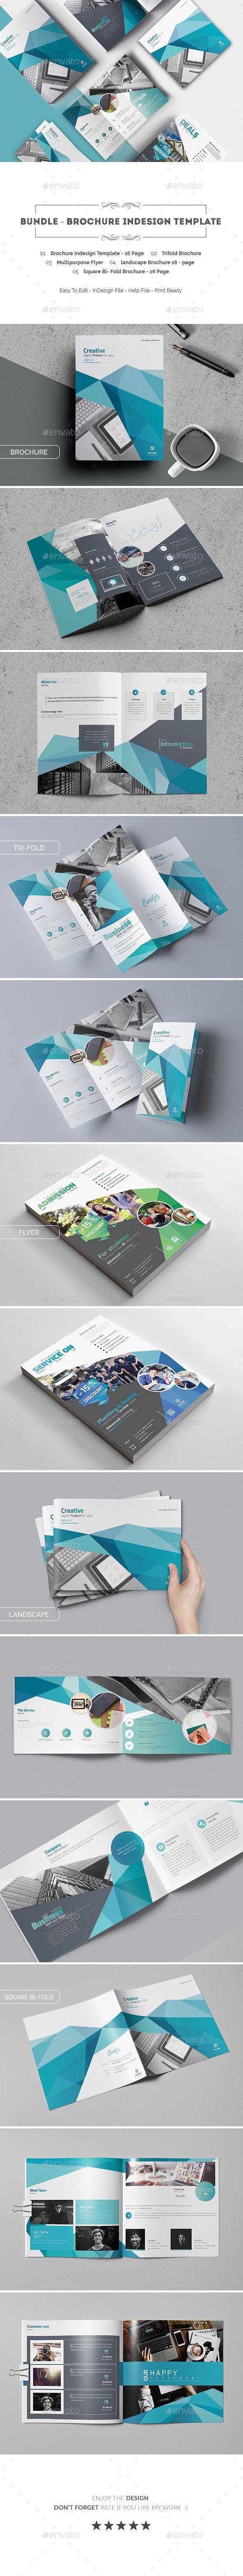 Bundle - Brochure Indesign Template | Anuncios, Folletos y Creativo